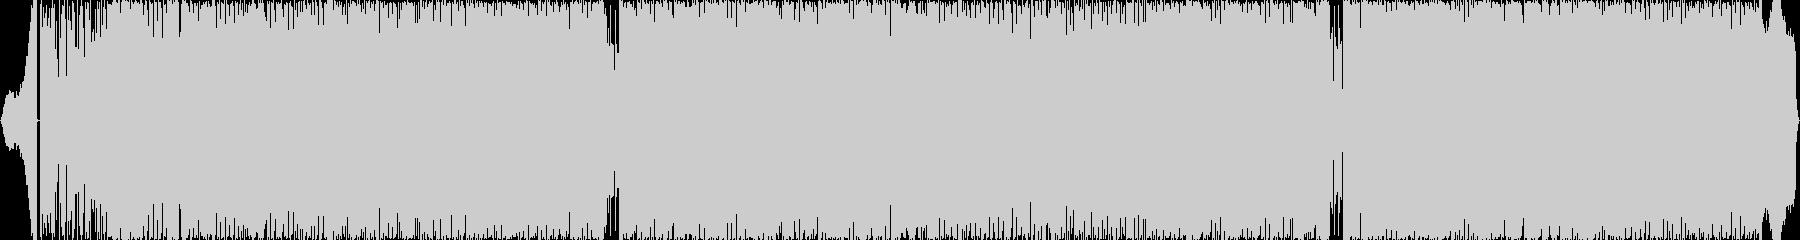 超楽しく盛り上がるテクノポップの未再生の波形